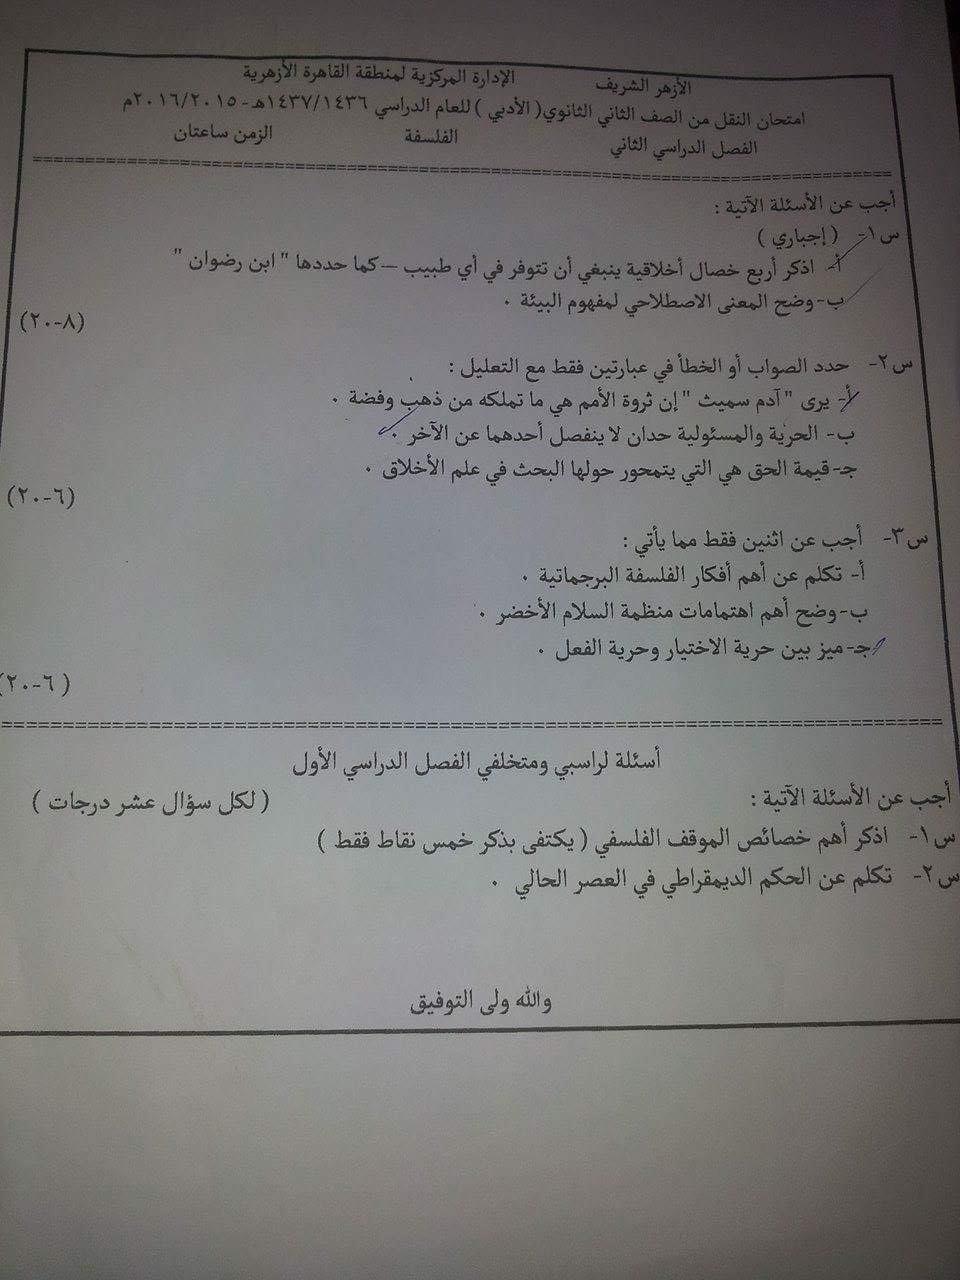 ورقة امتحان الفلسفة ازهر القاهرة للصف الثانى الثانوى الترم الثانى 2016